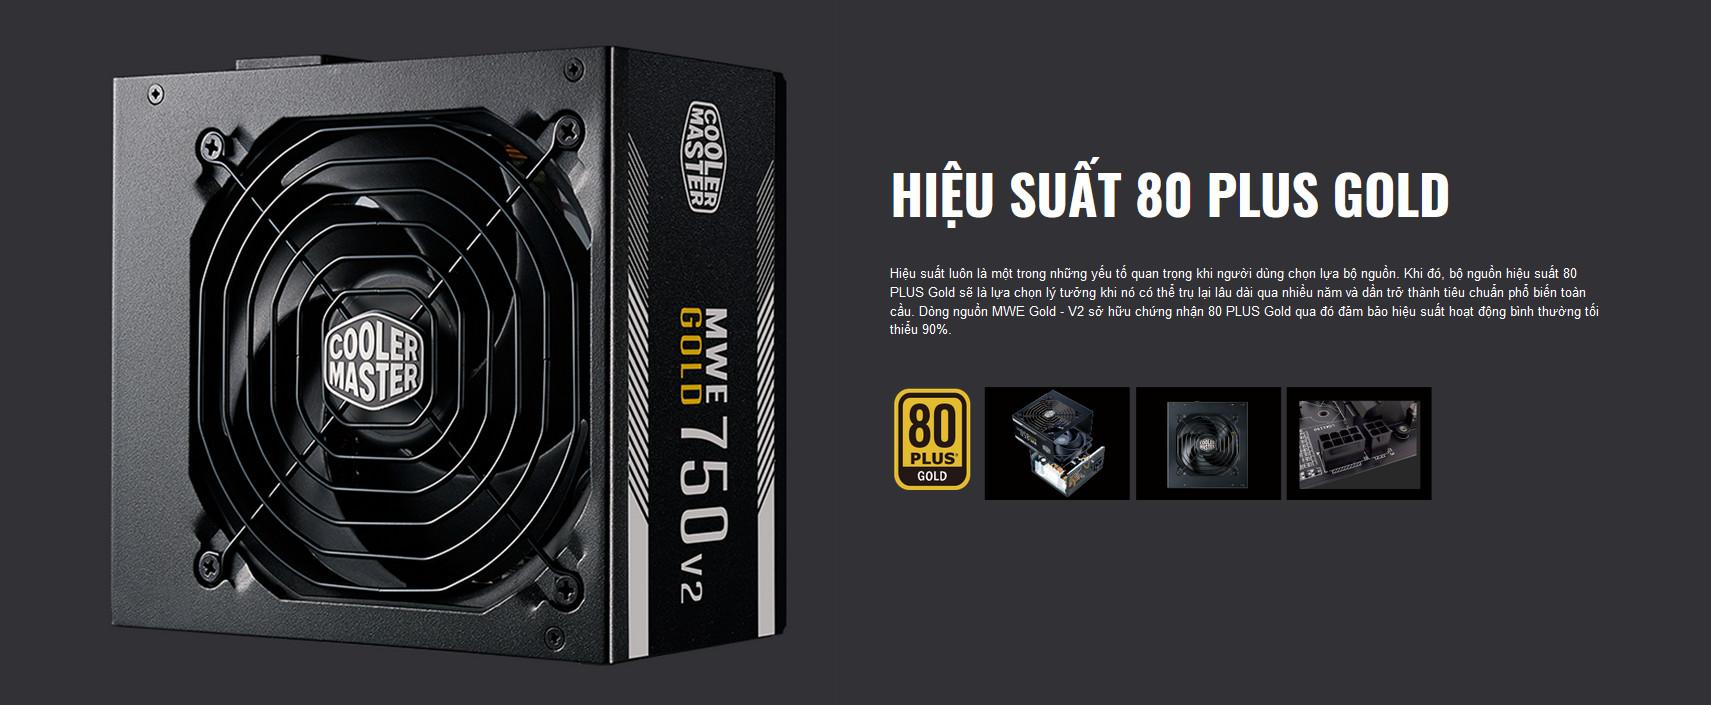 Nguồn máy tính Cooler Master MWE GOLD 750 - V2 750W ( 80 Plus Gold/Màu Đen/Full Modular) giới thiệu 3